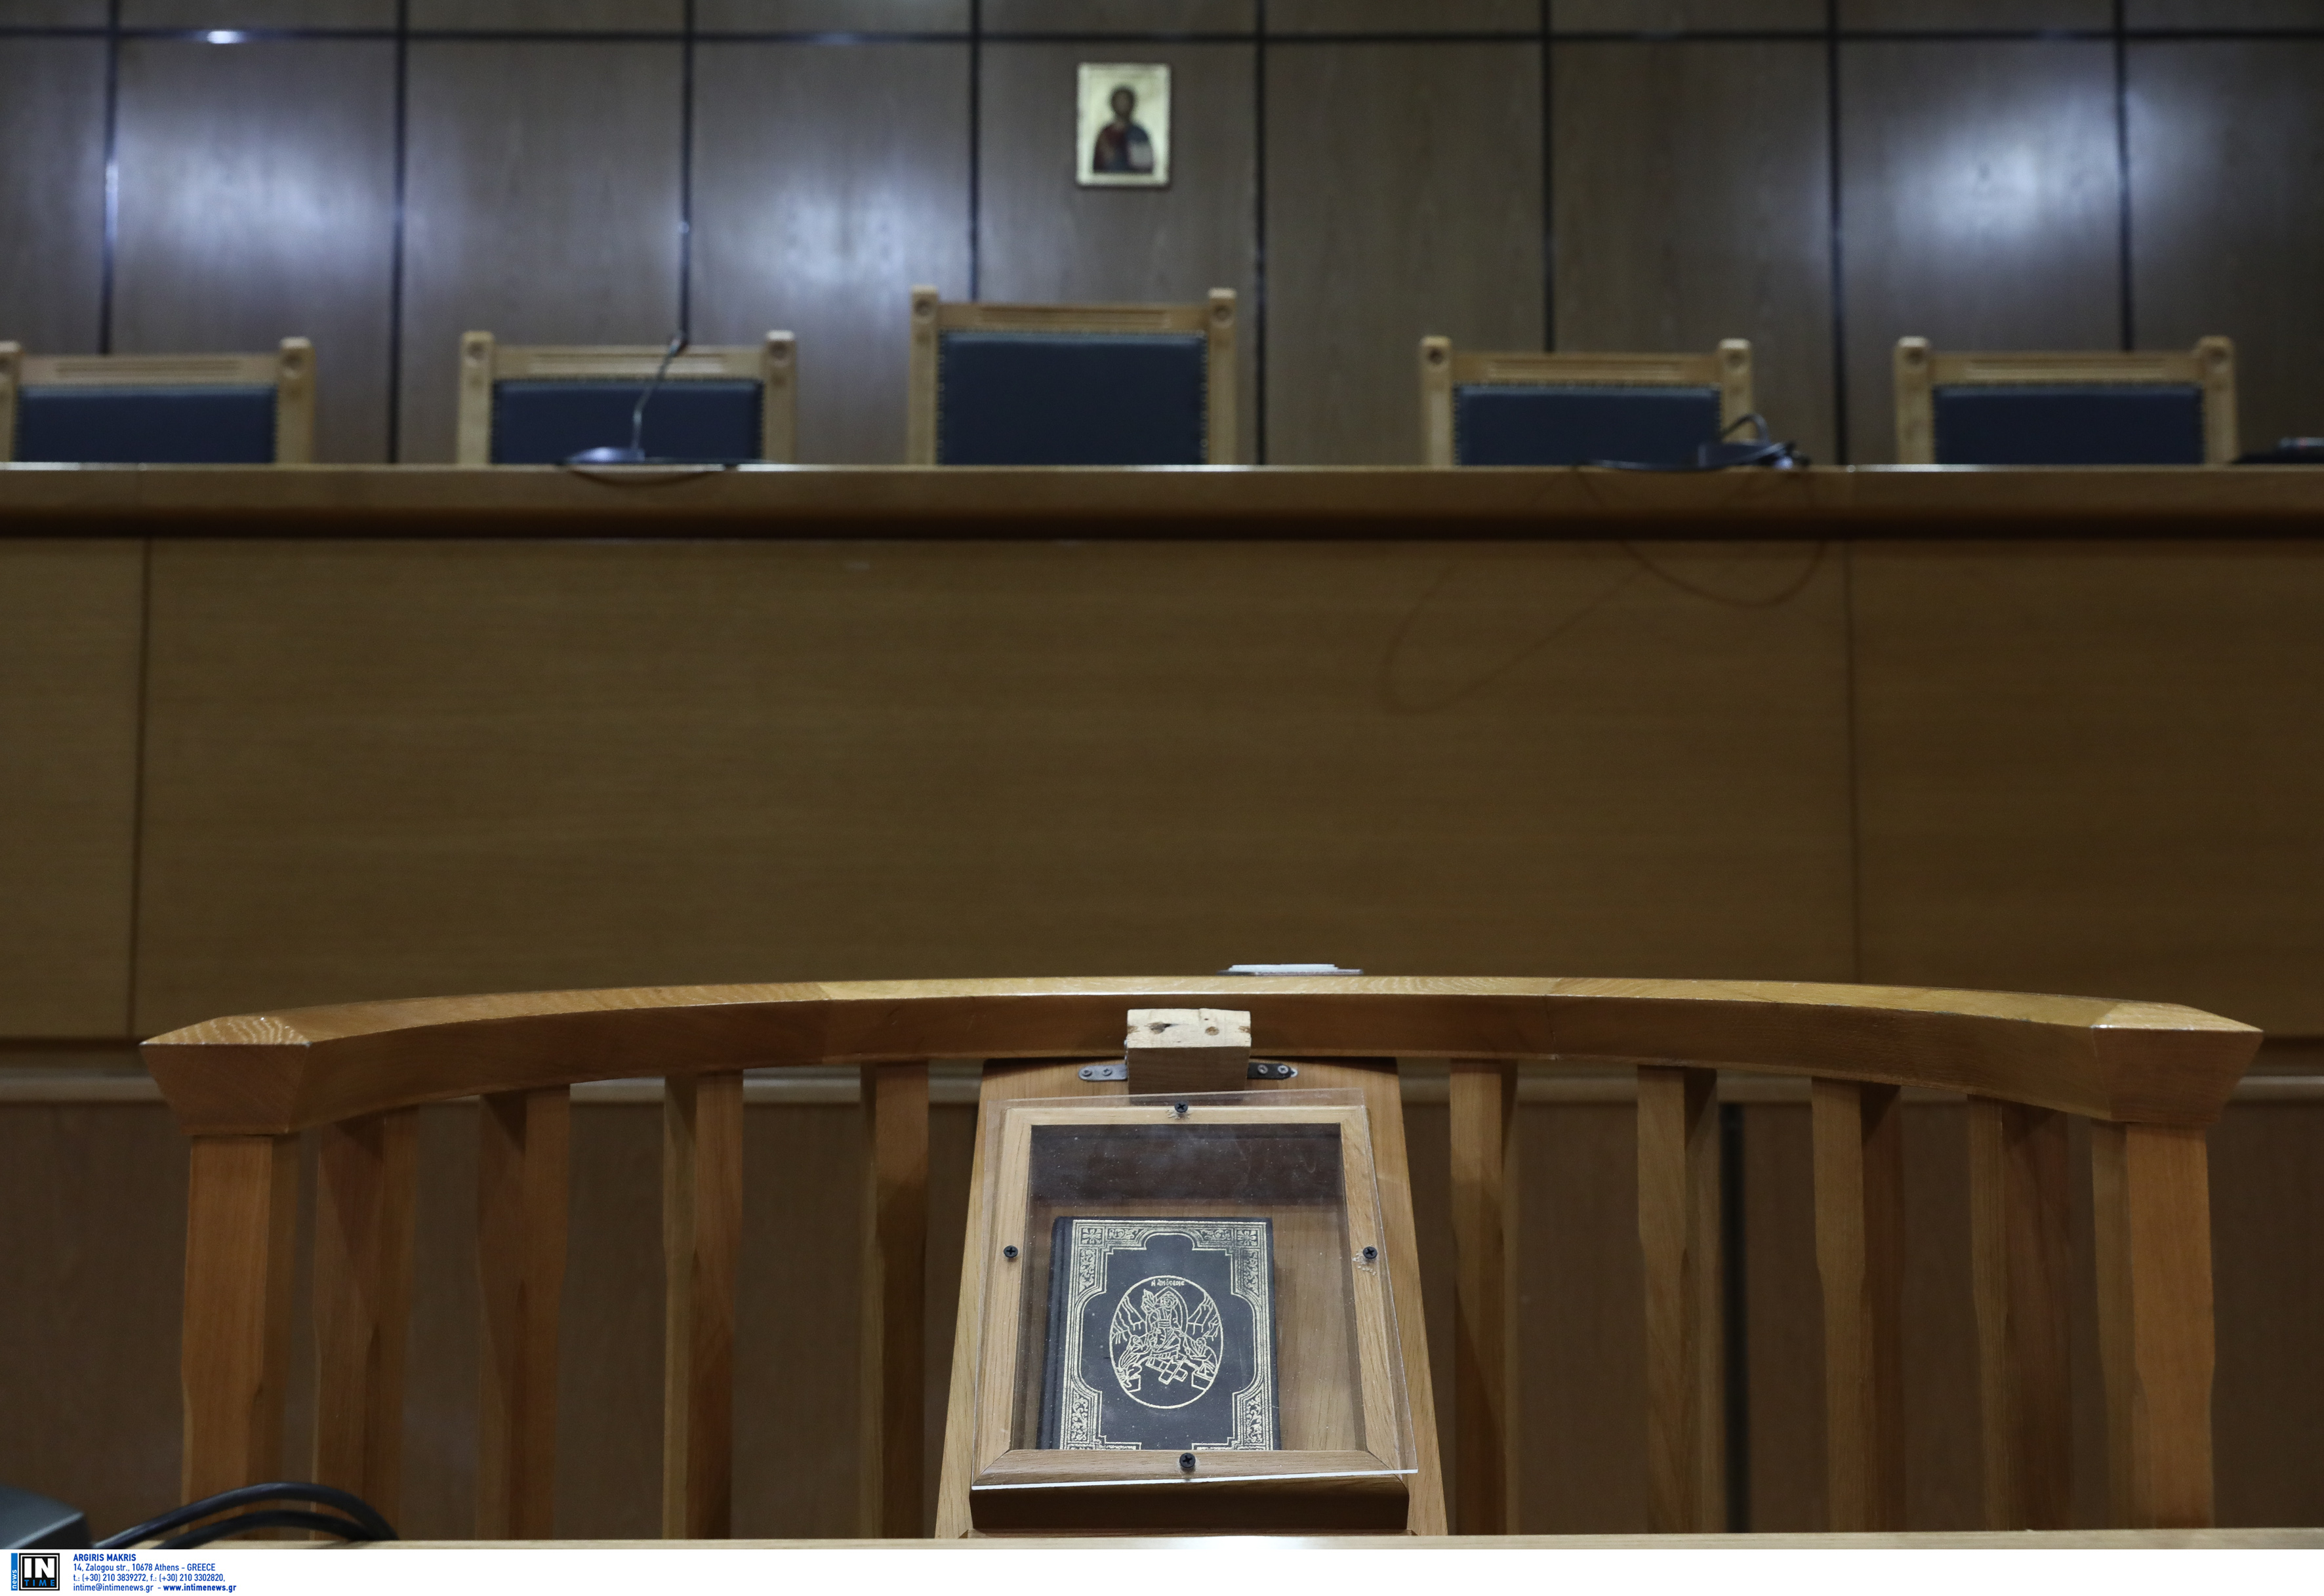 Κως: Αναβλήθηκε η δίκη του κομμωτή που κατηγορείται για σεξουαλική κακοποίηση ανήλικων παιδιών!